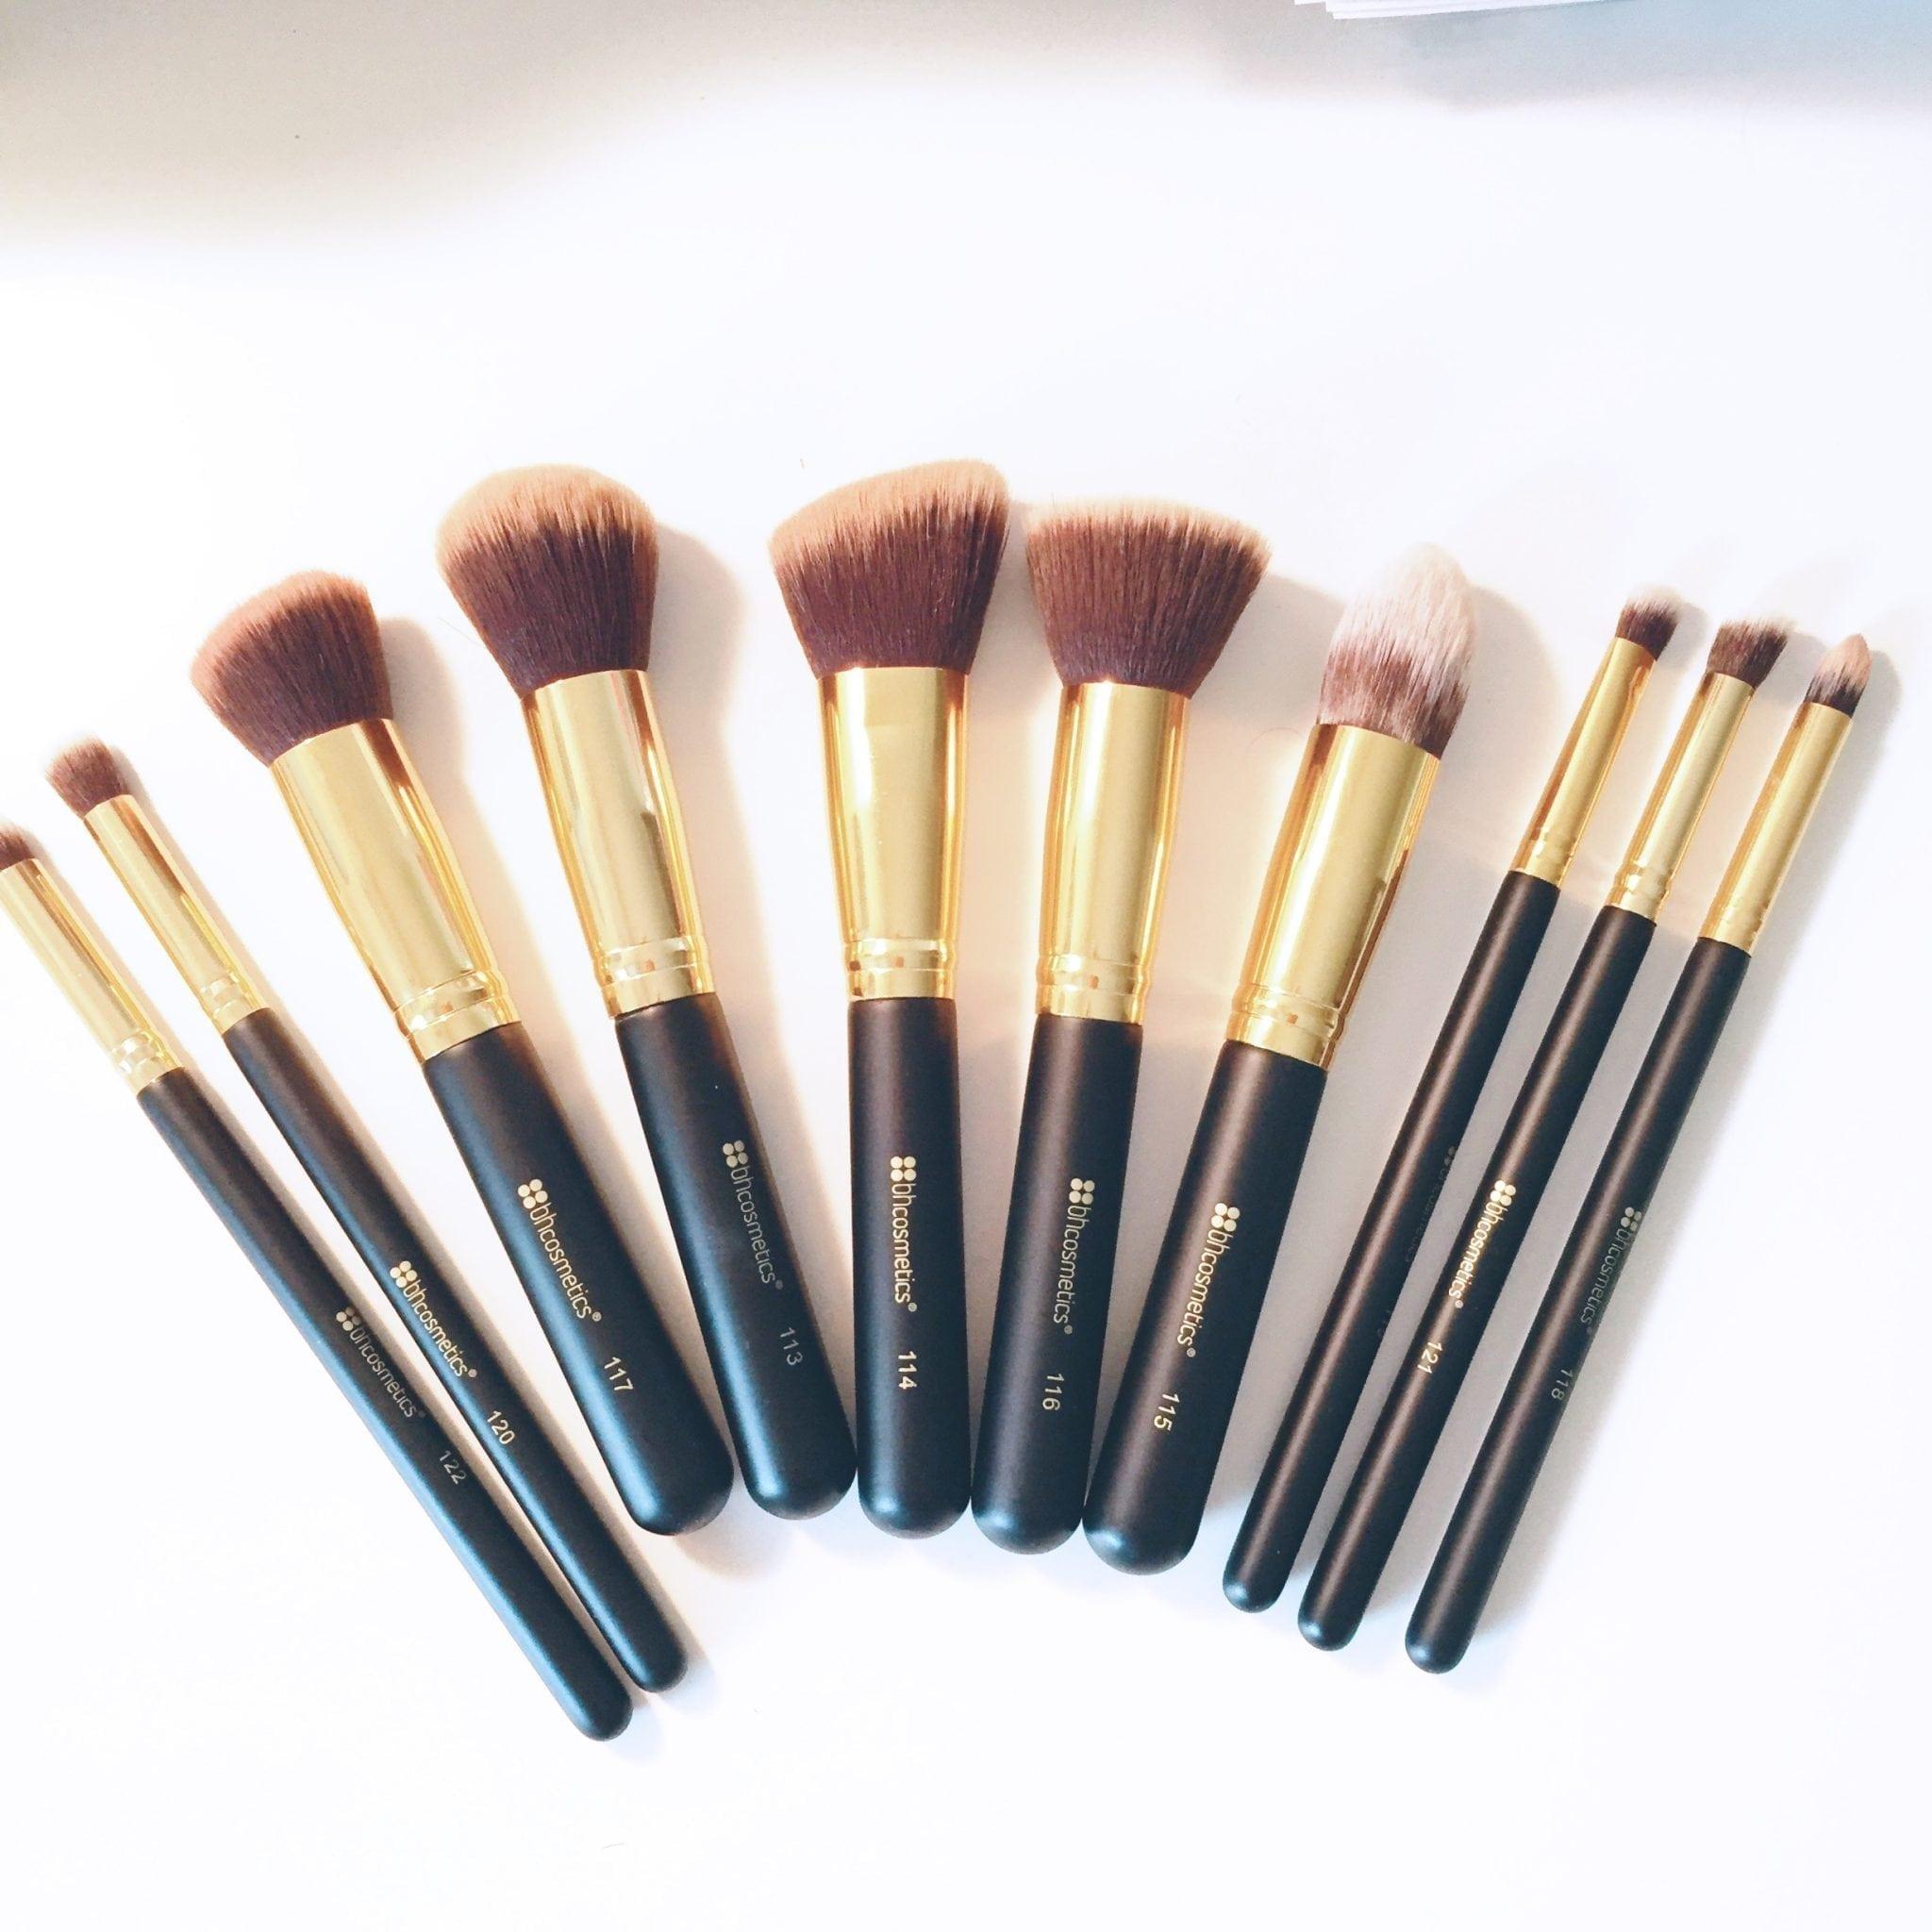 BH Cosmetics Sculpting Brush